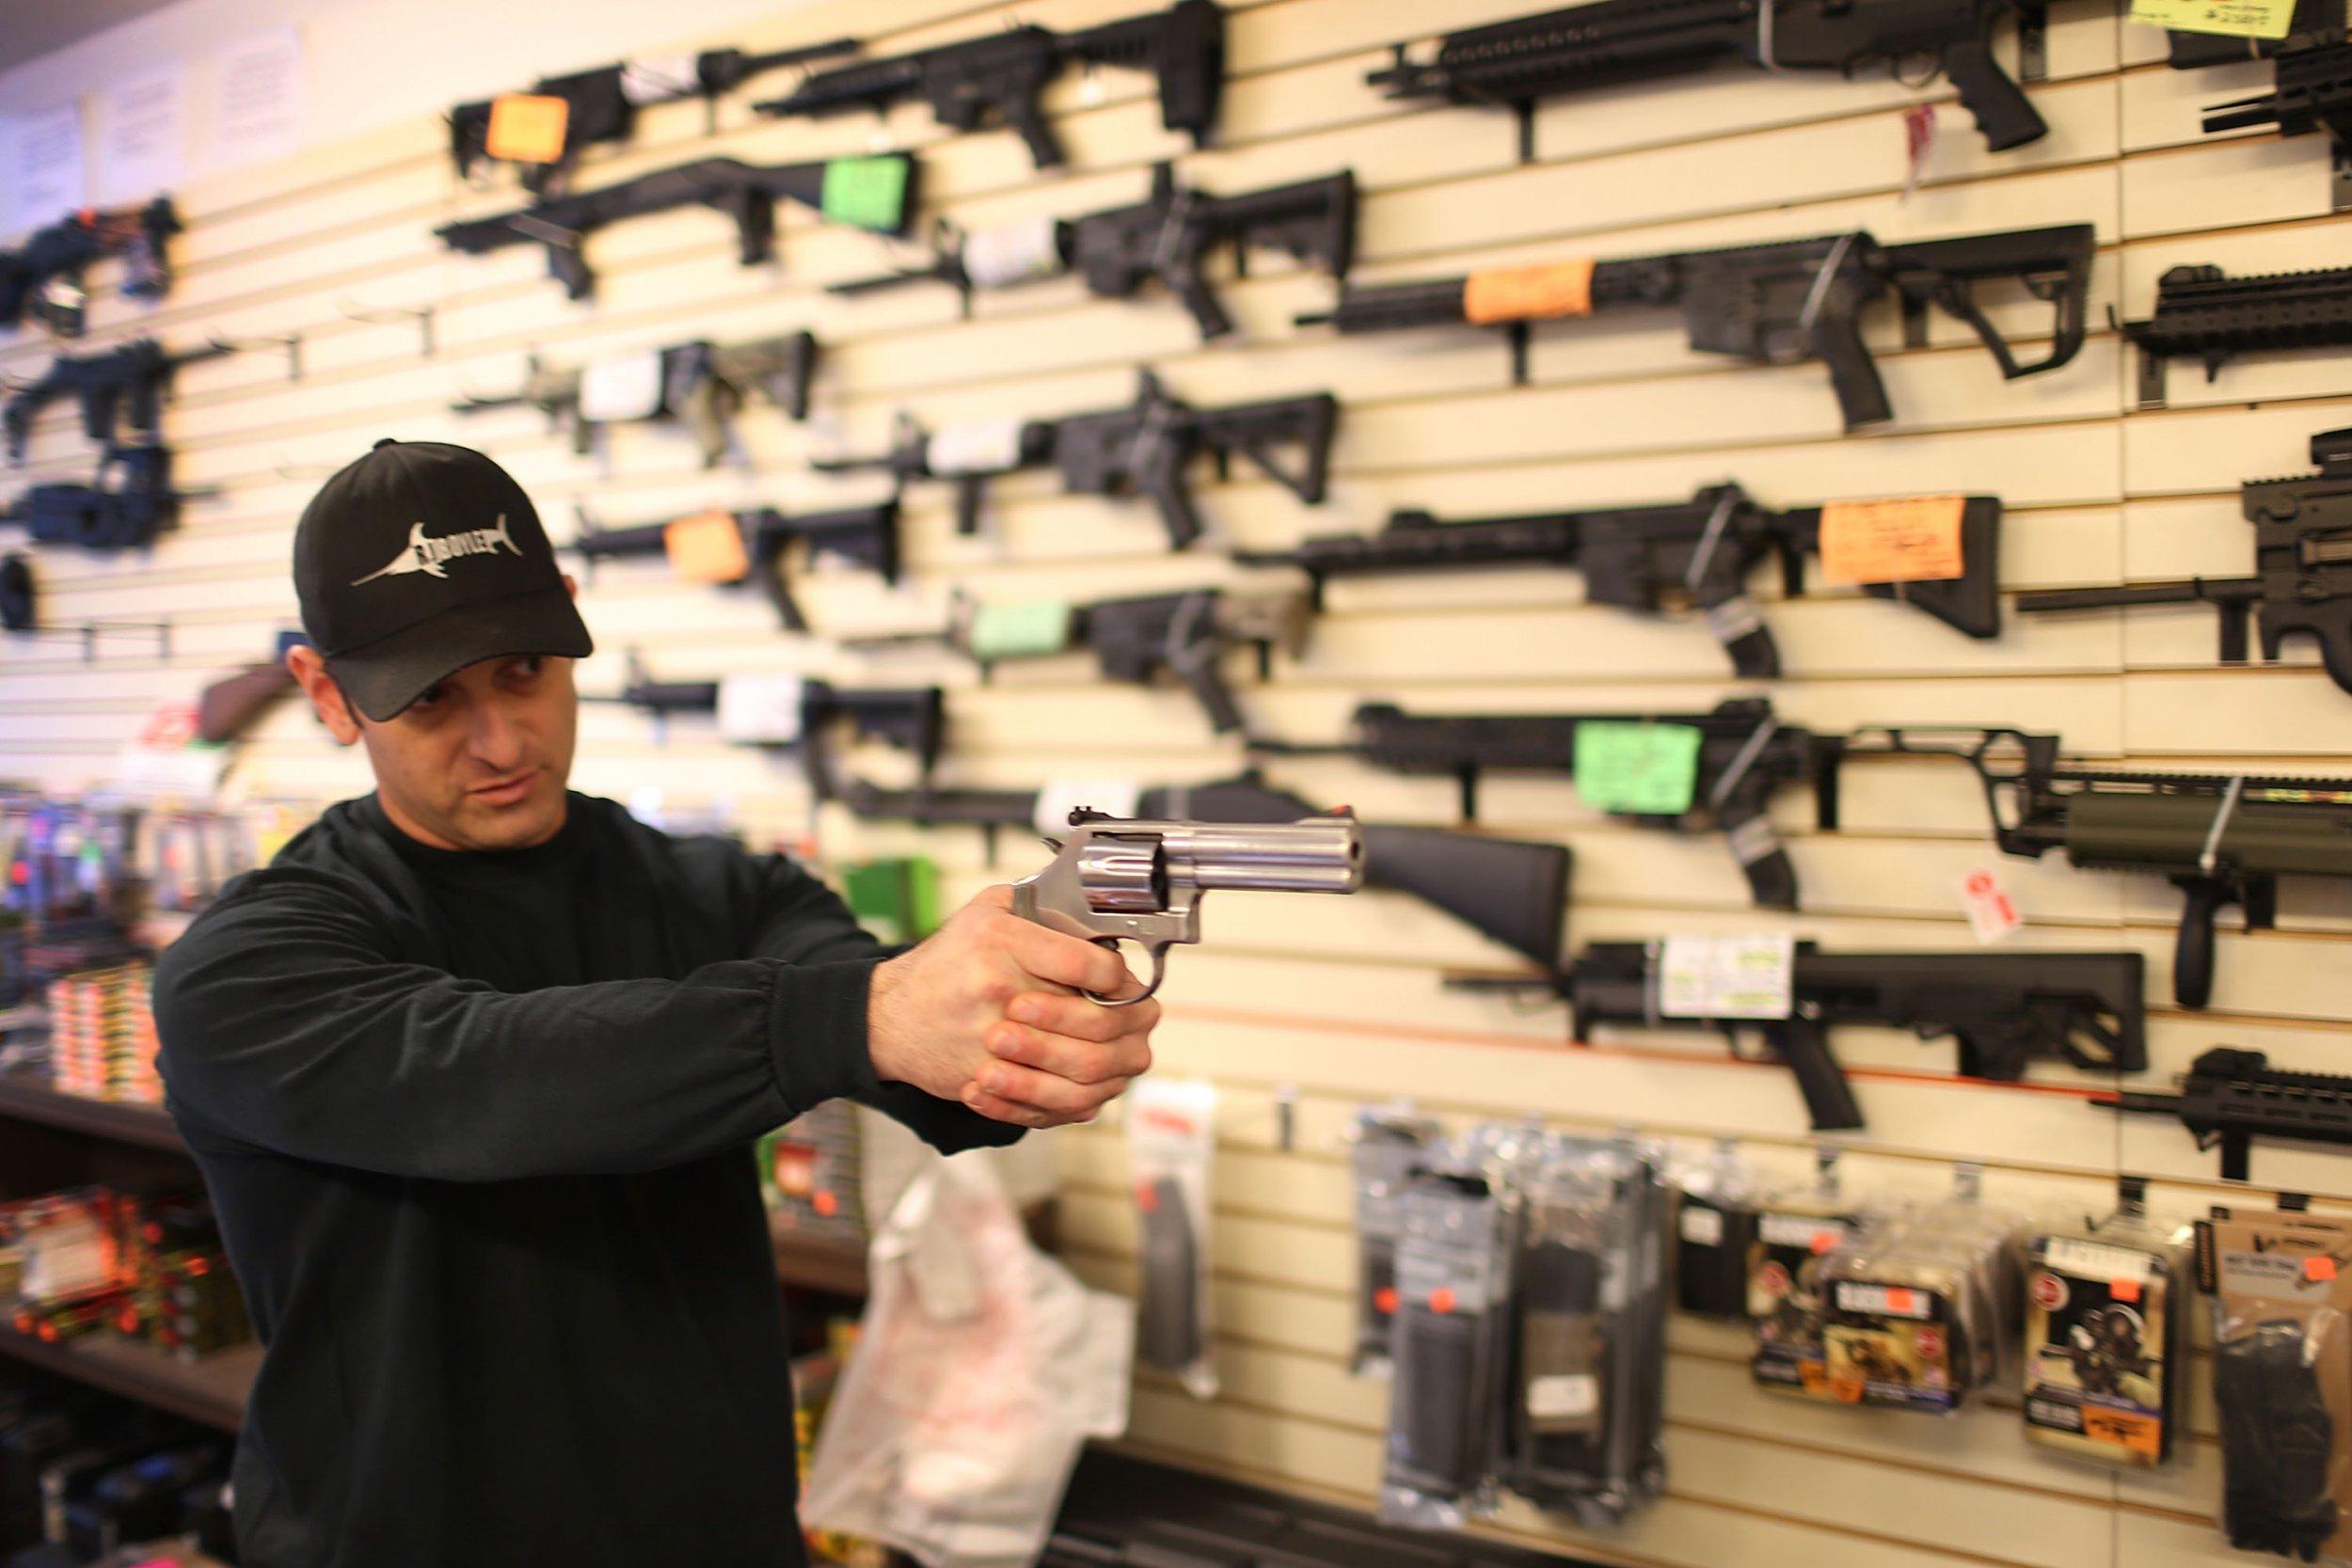 A man holds a gun